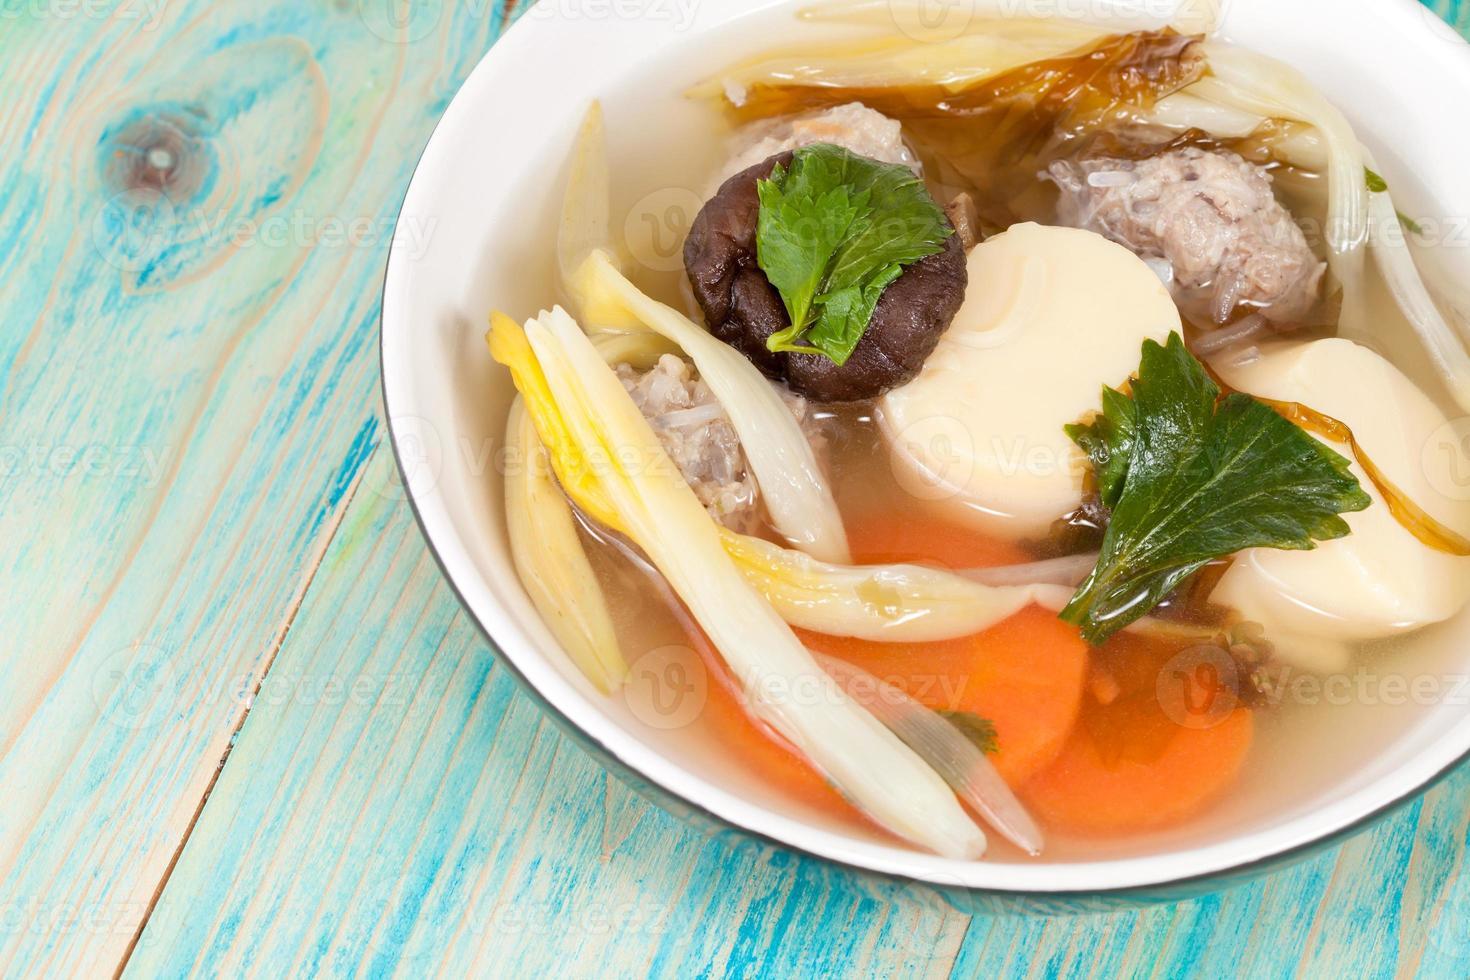 mild gewürzte Suppe, bestehend aus Schweinefleisch, Tofu, foto